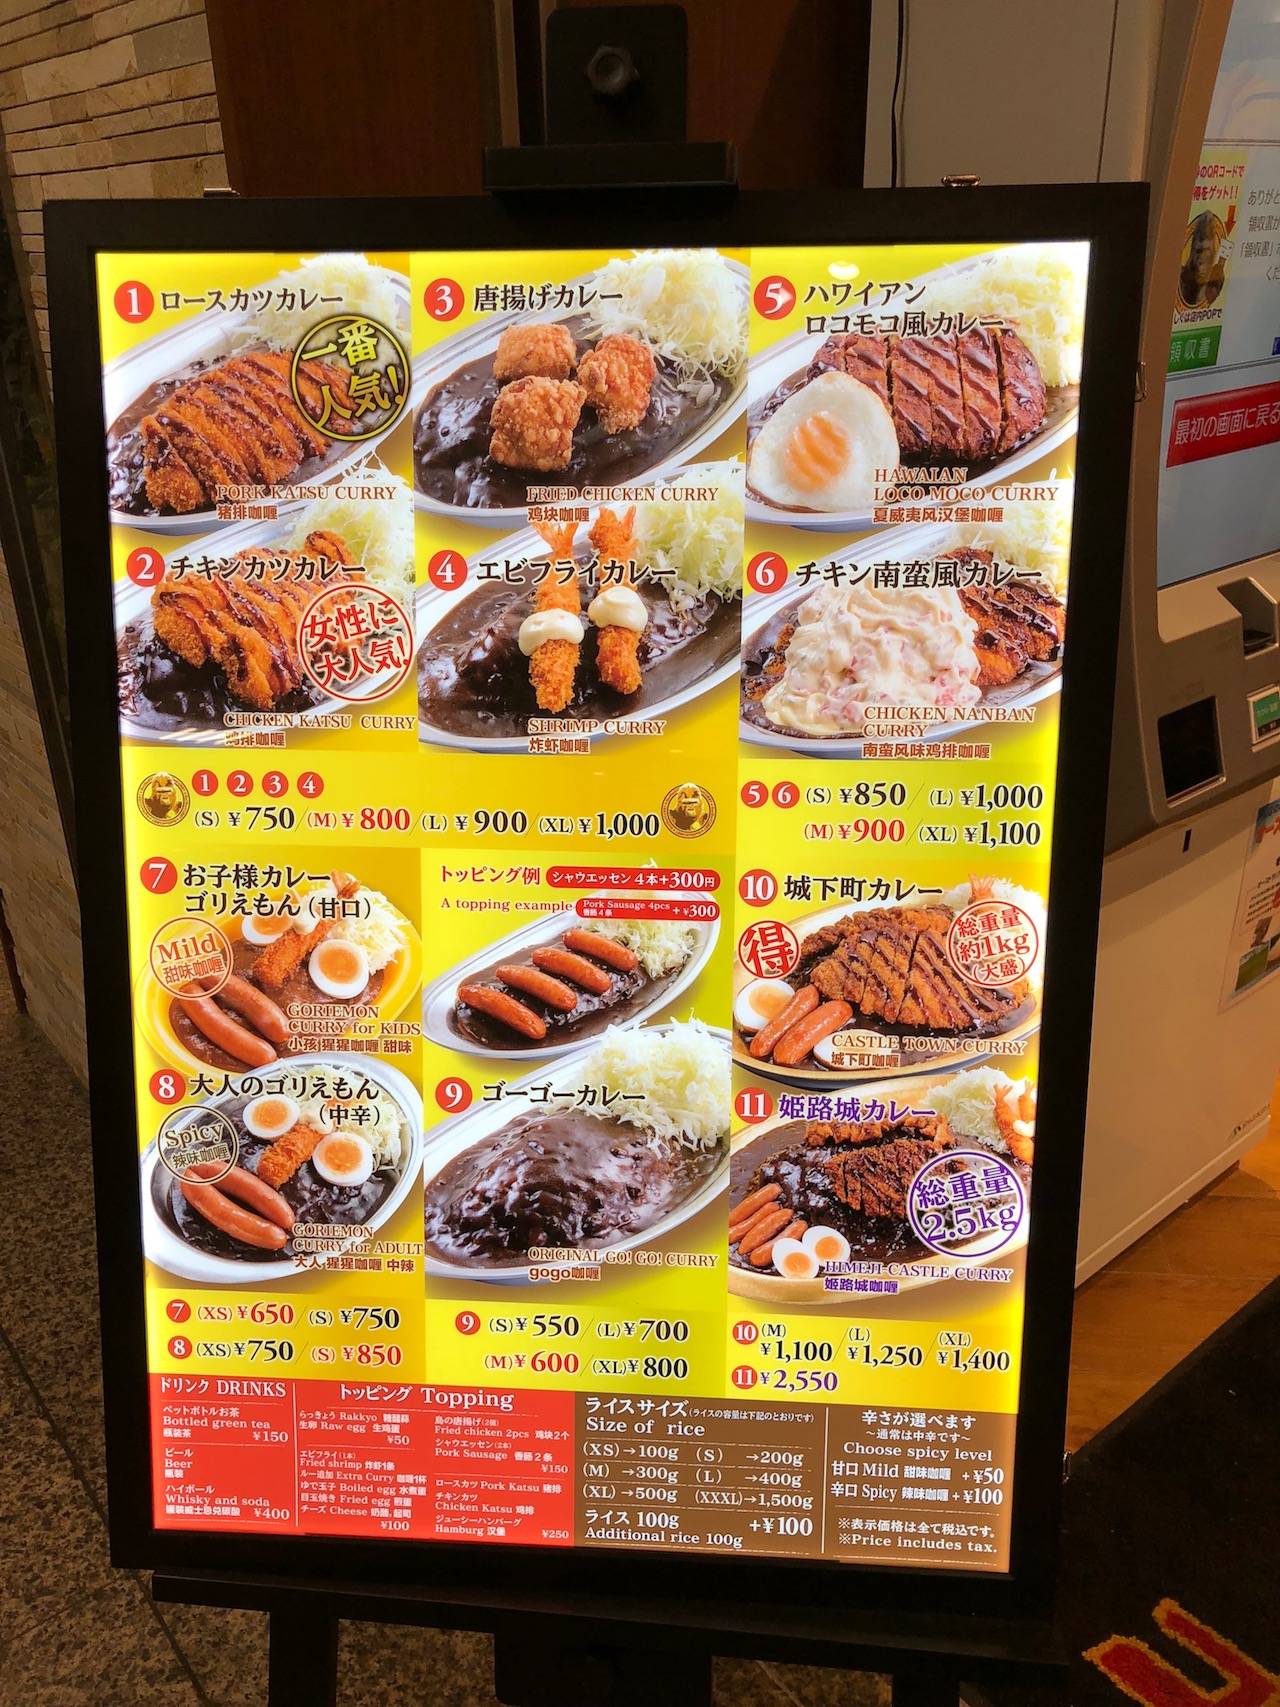 ゴーゴーカレー ピオレ姫路駅スタジアムでロースカツカレー食べてきた!JR姫路駅出て20歩!